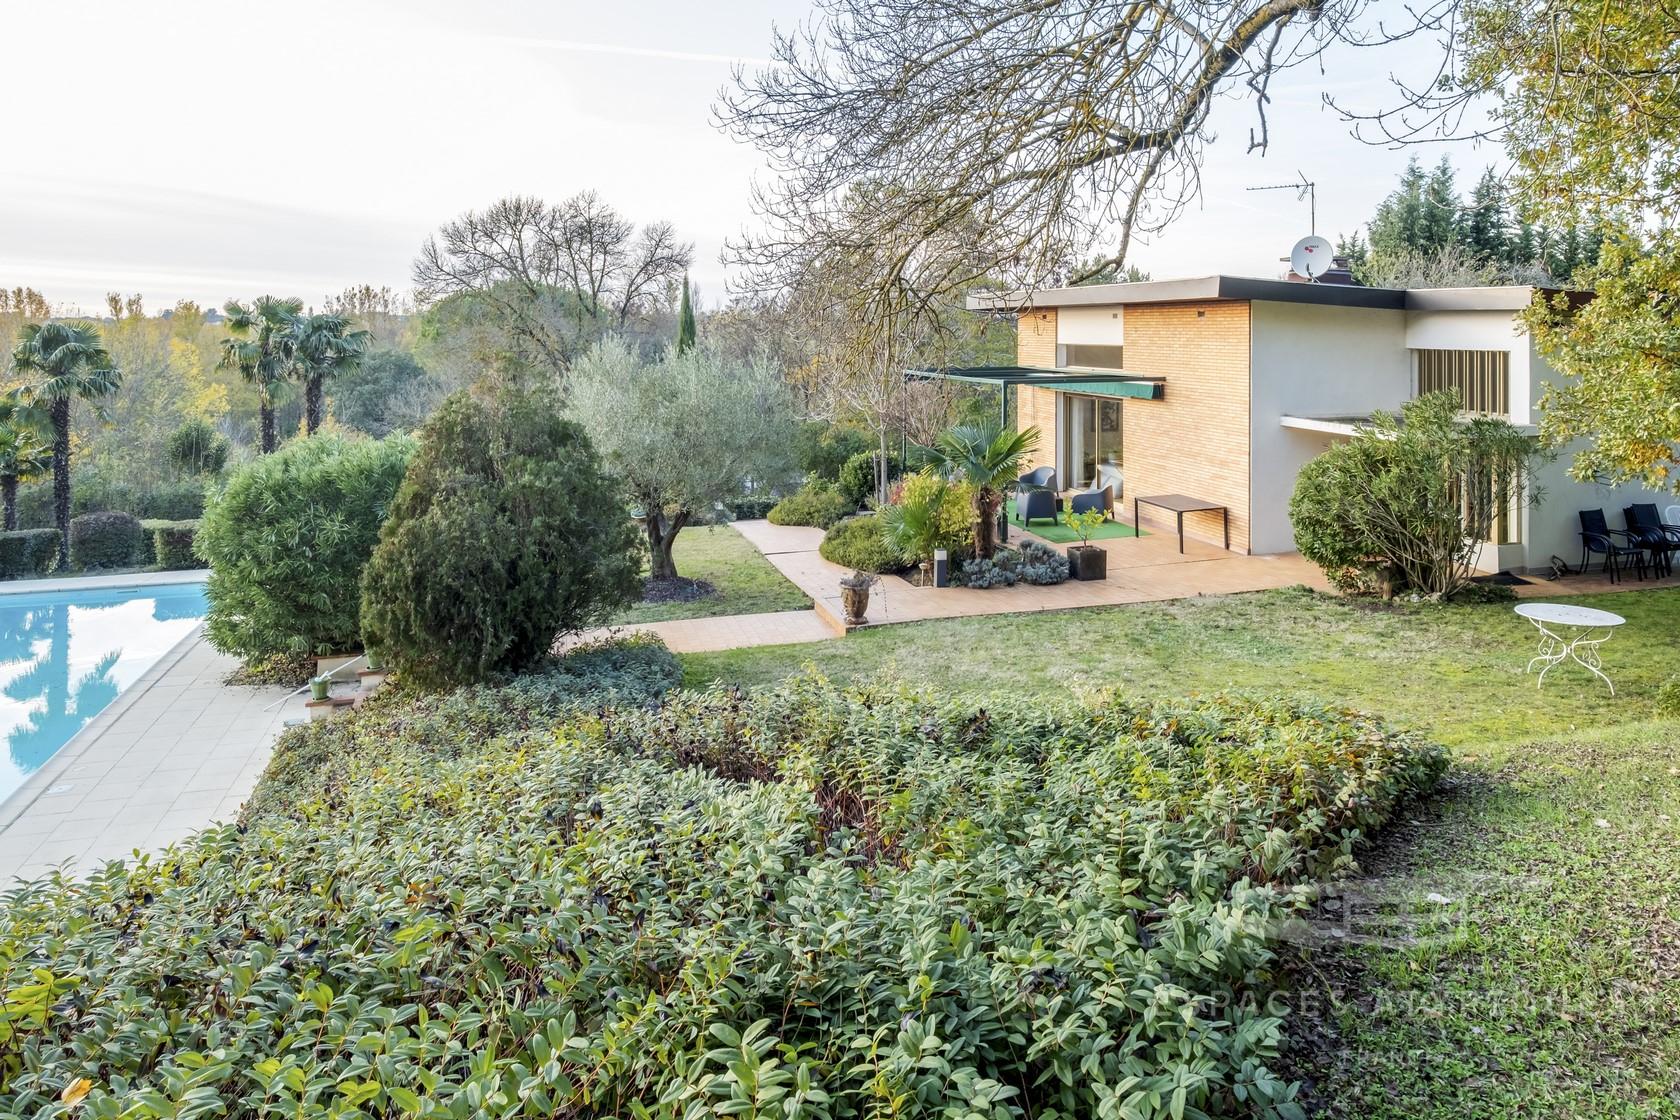 Colomiers : Villa D'architecte Dans Un Parc Arboré À ... encequiconcerne Colomiers Piscine